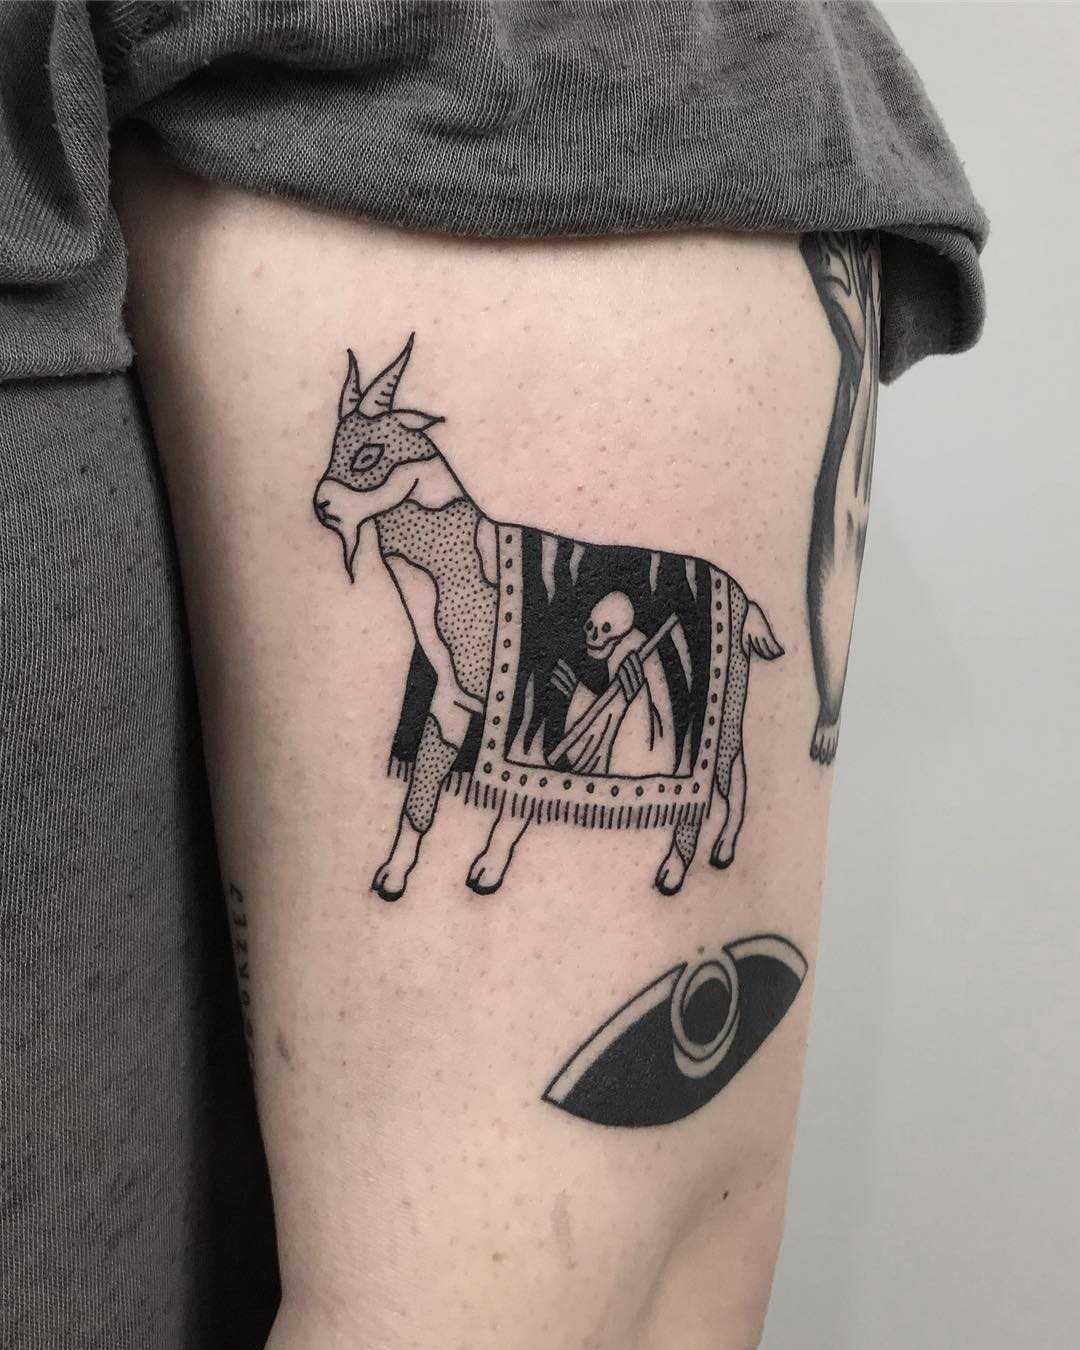 Goat's death by @skrzyniarz_